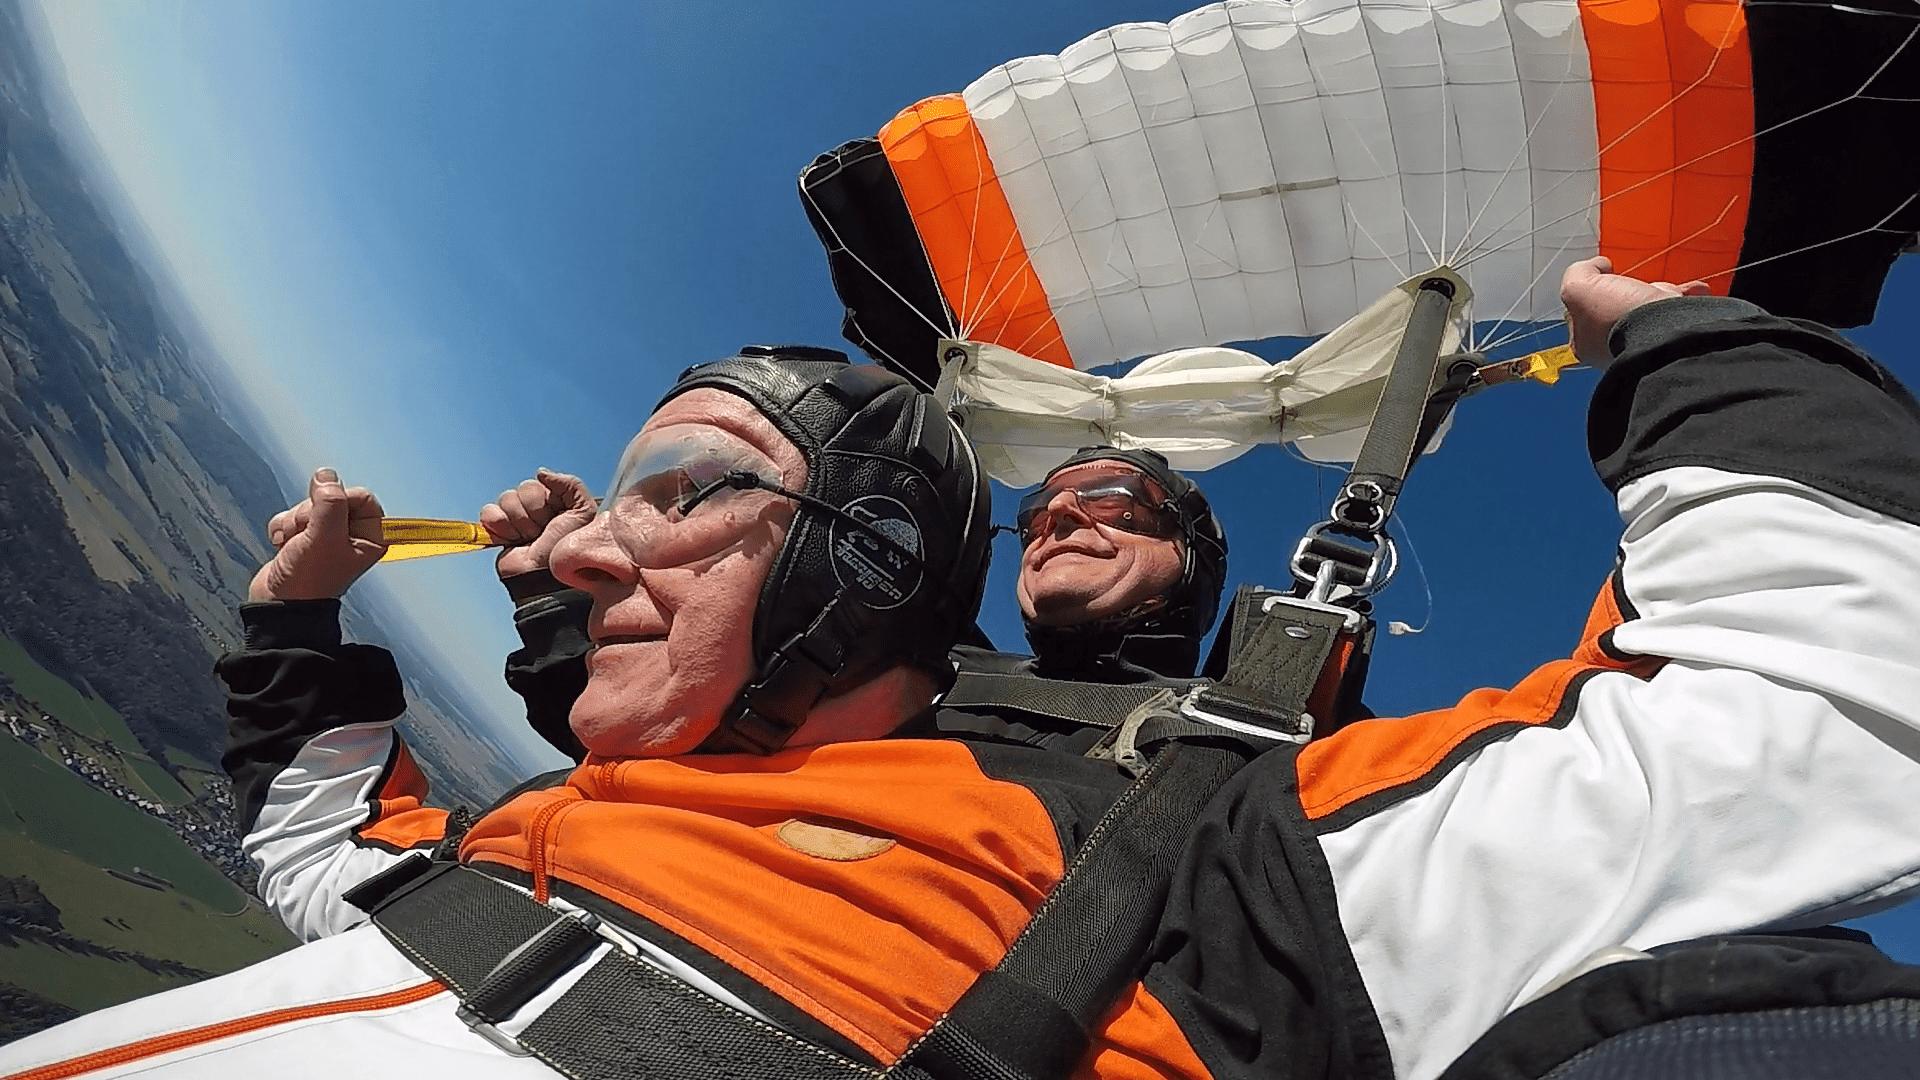 Passagier Fallschirm lenken